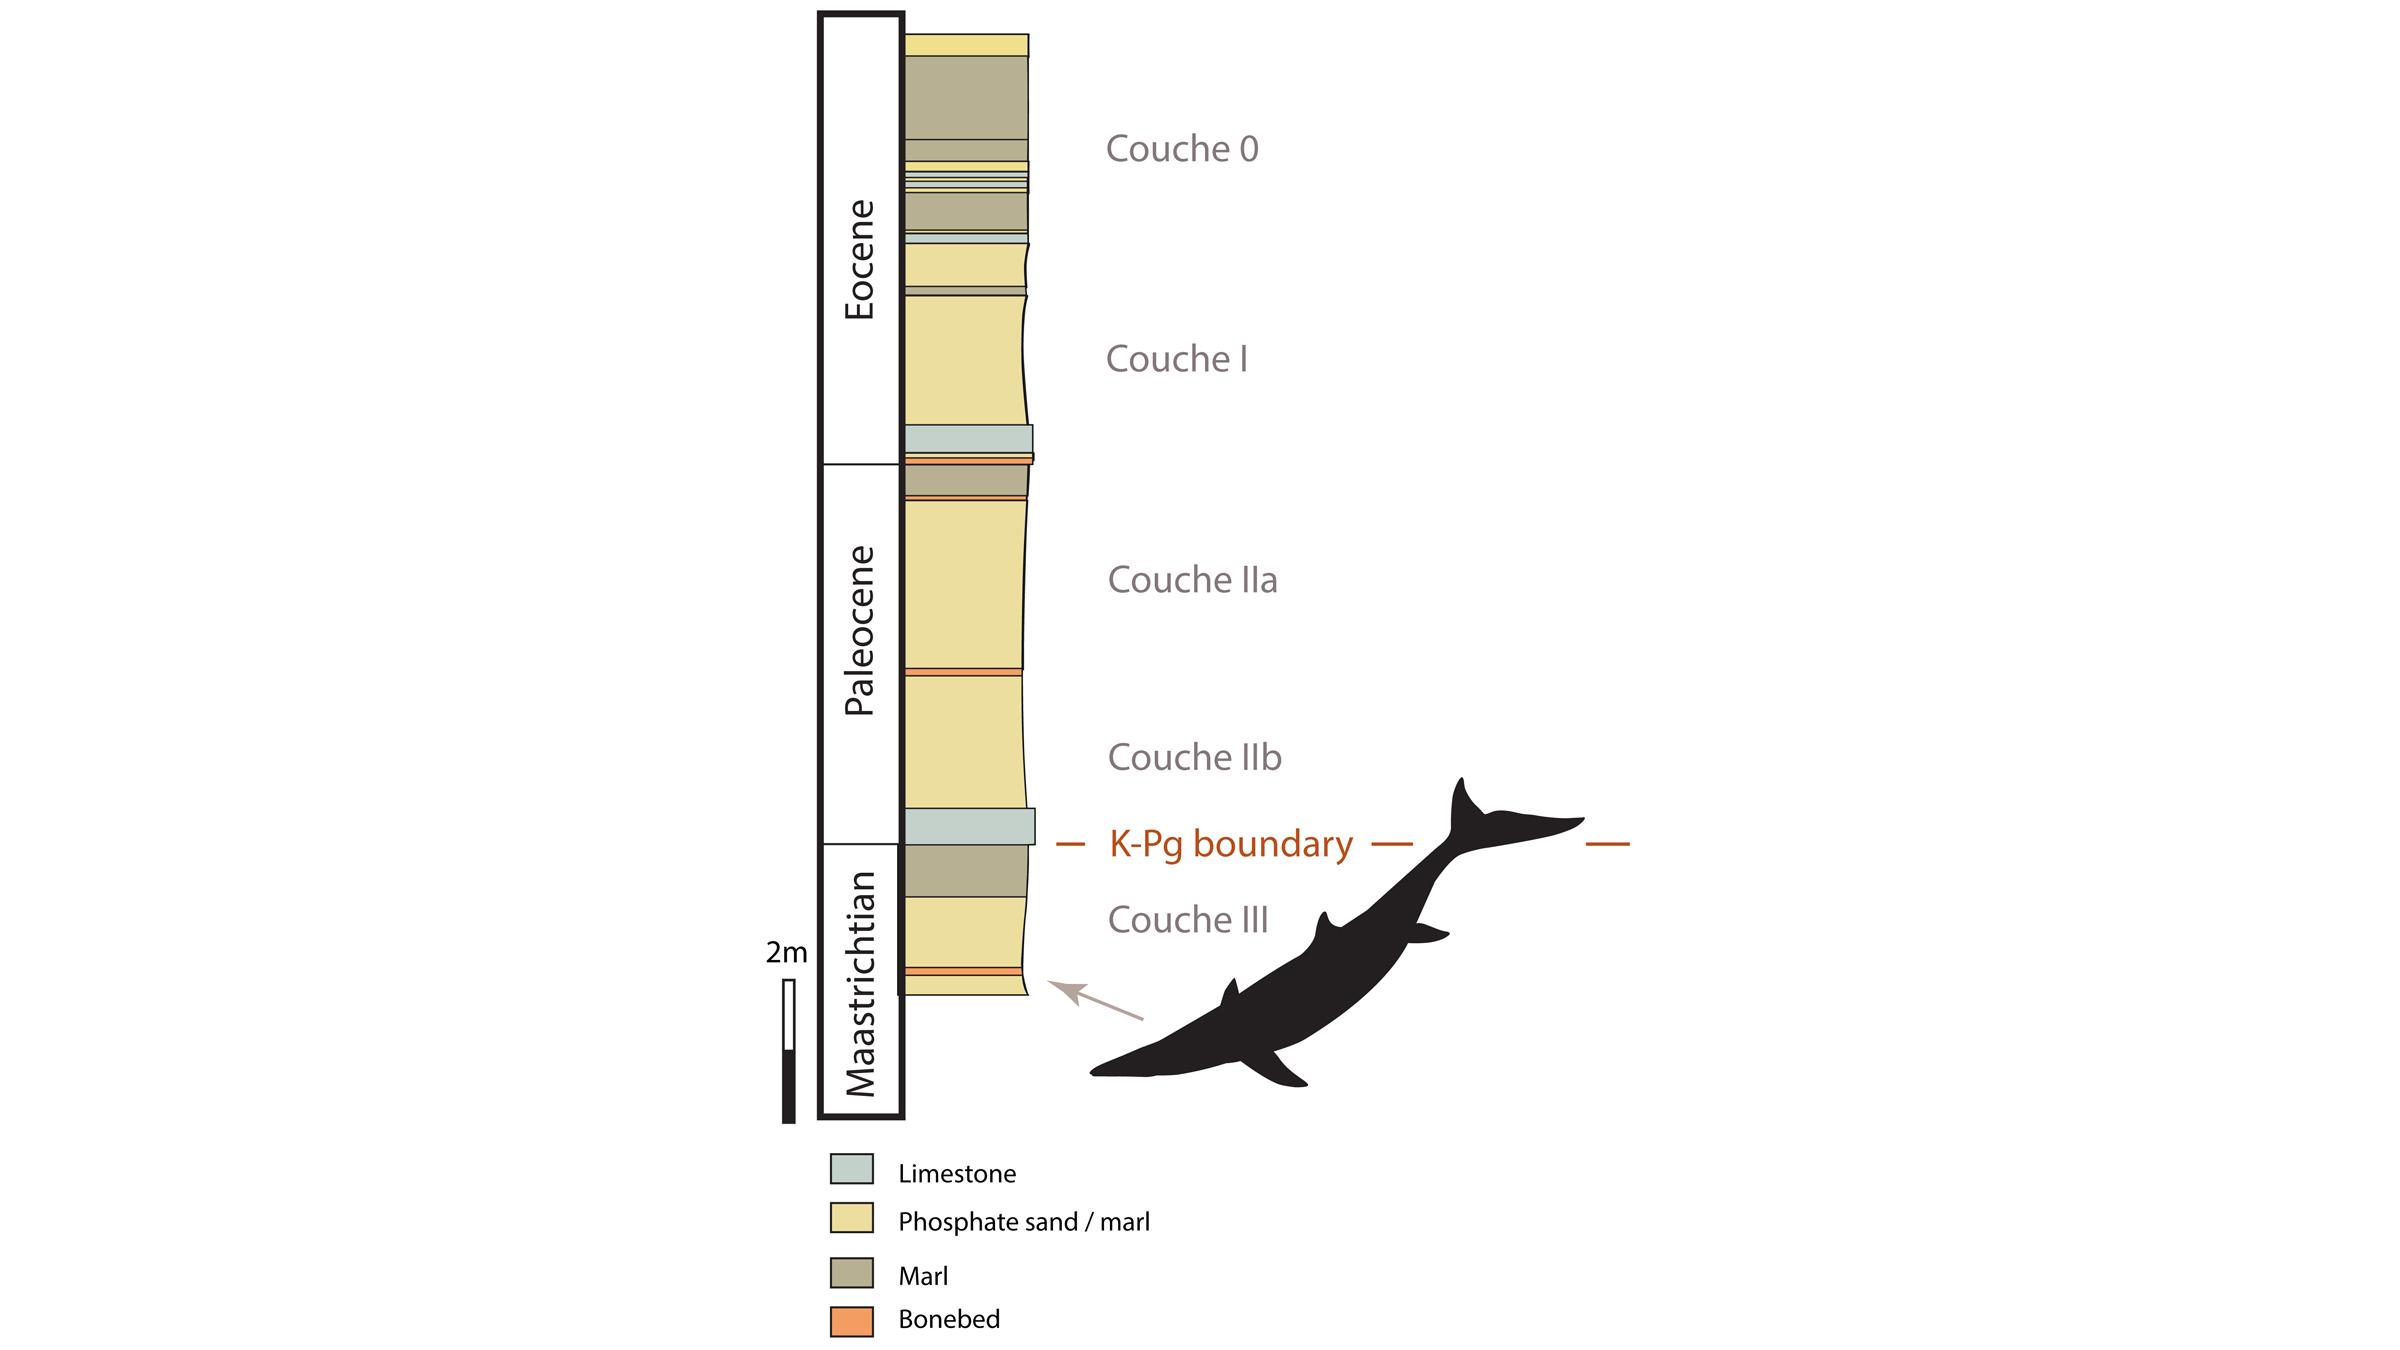 Les fossiles appartenant au nouveau mosasaure ont été trouvés dans une roche plus ancienne que la limite K-Pg, un terme utilisé pour désigner l'extinction de masse qui a tué les dinosaures non aviaires.